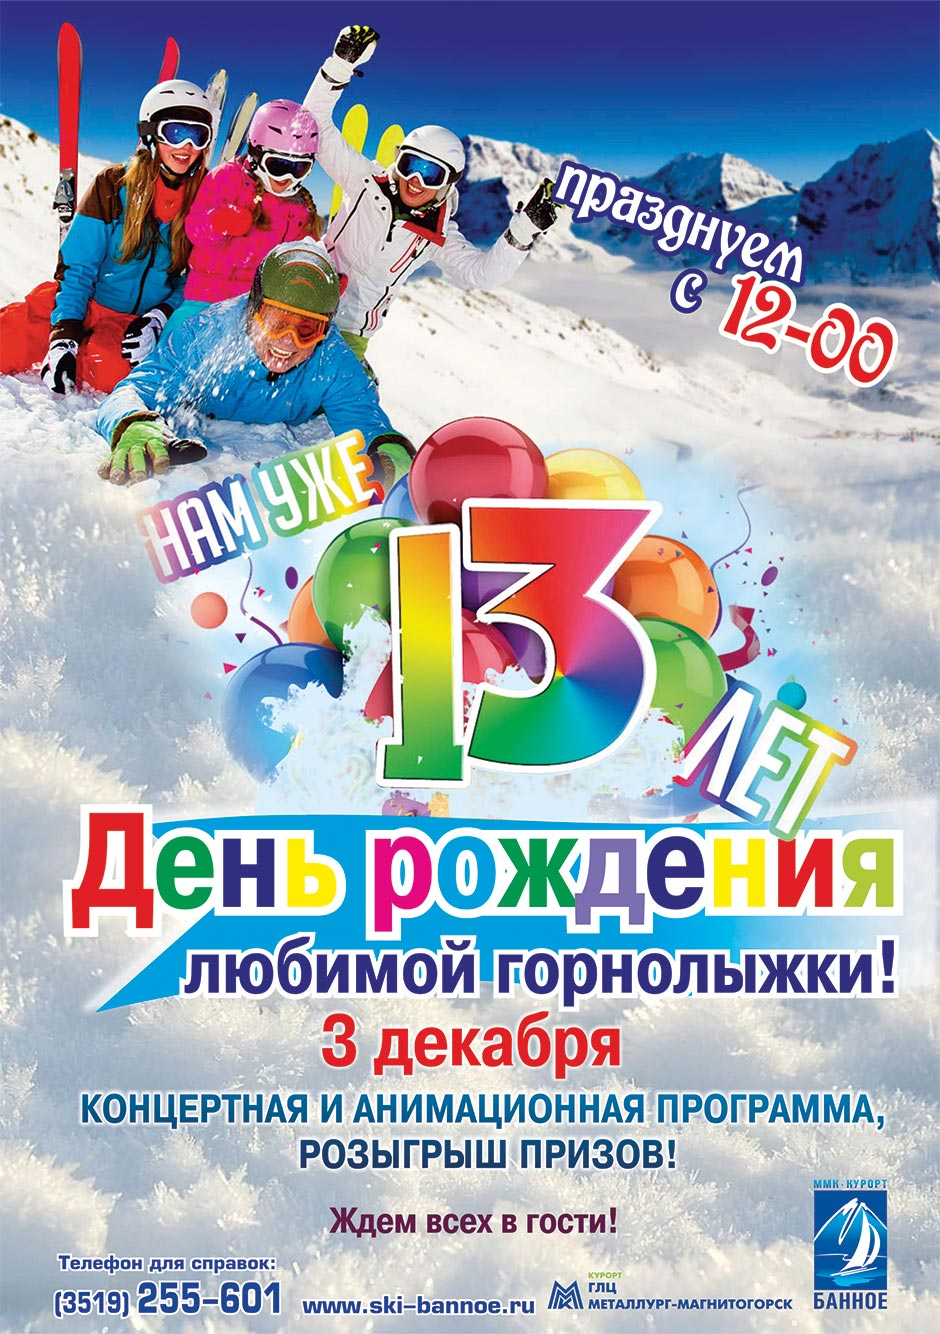 ГЛЦ - 13 лет!